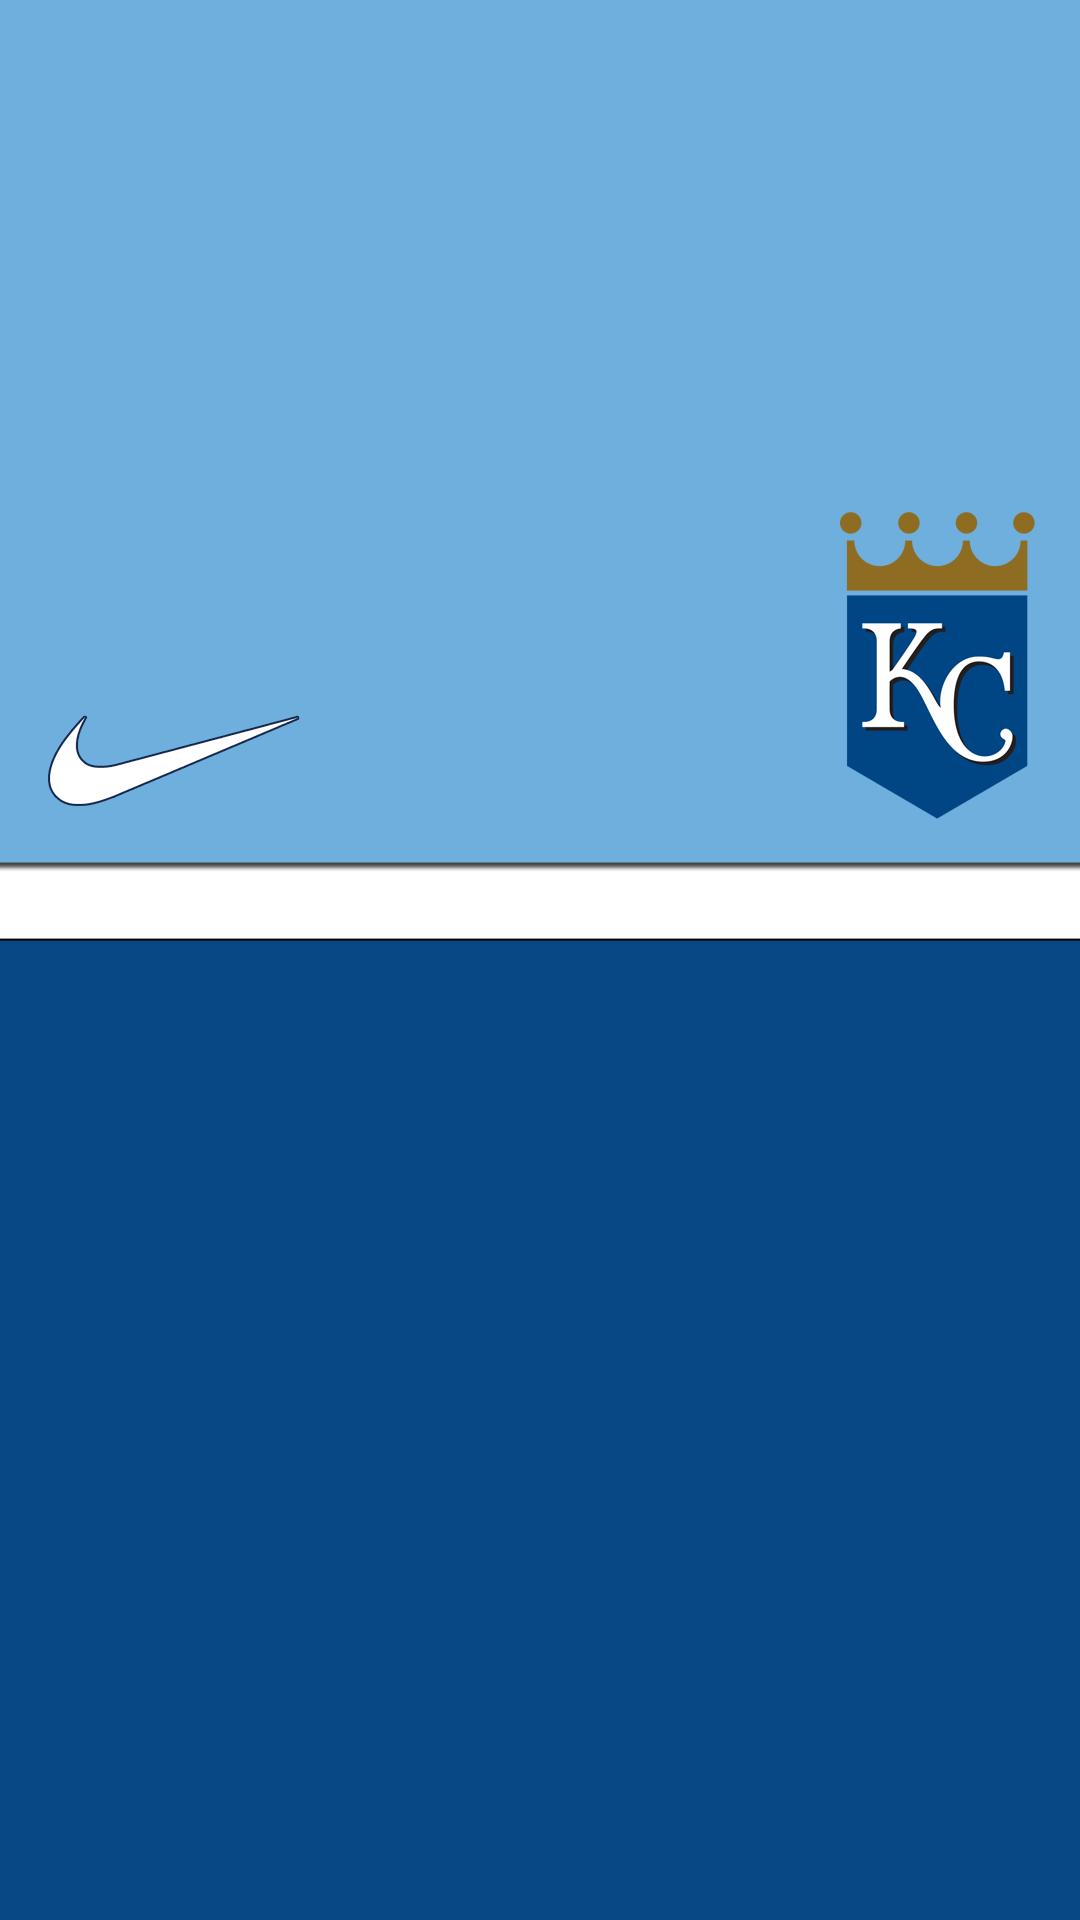 Kansas City Royals Nike Iphone Wallpaper Hd Free Desktop Baseball Wallpaper Royal Wallpaper Kansas City Royals